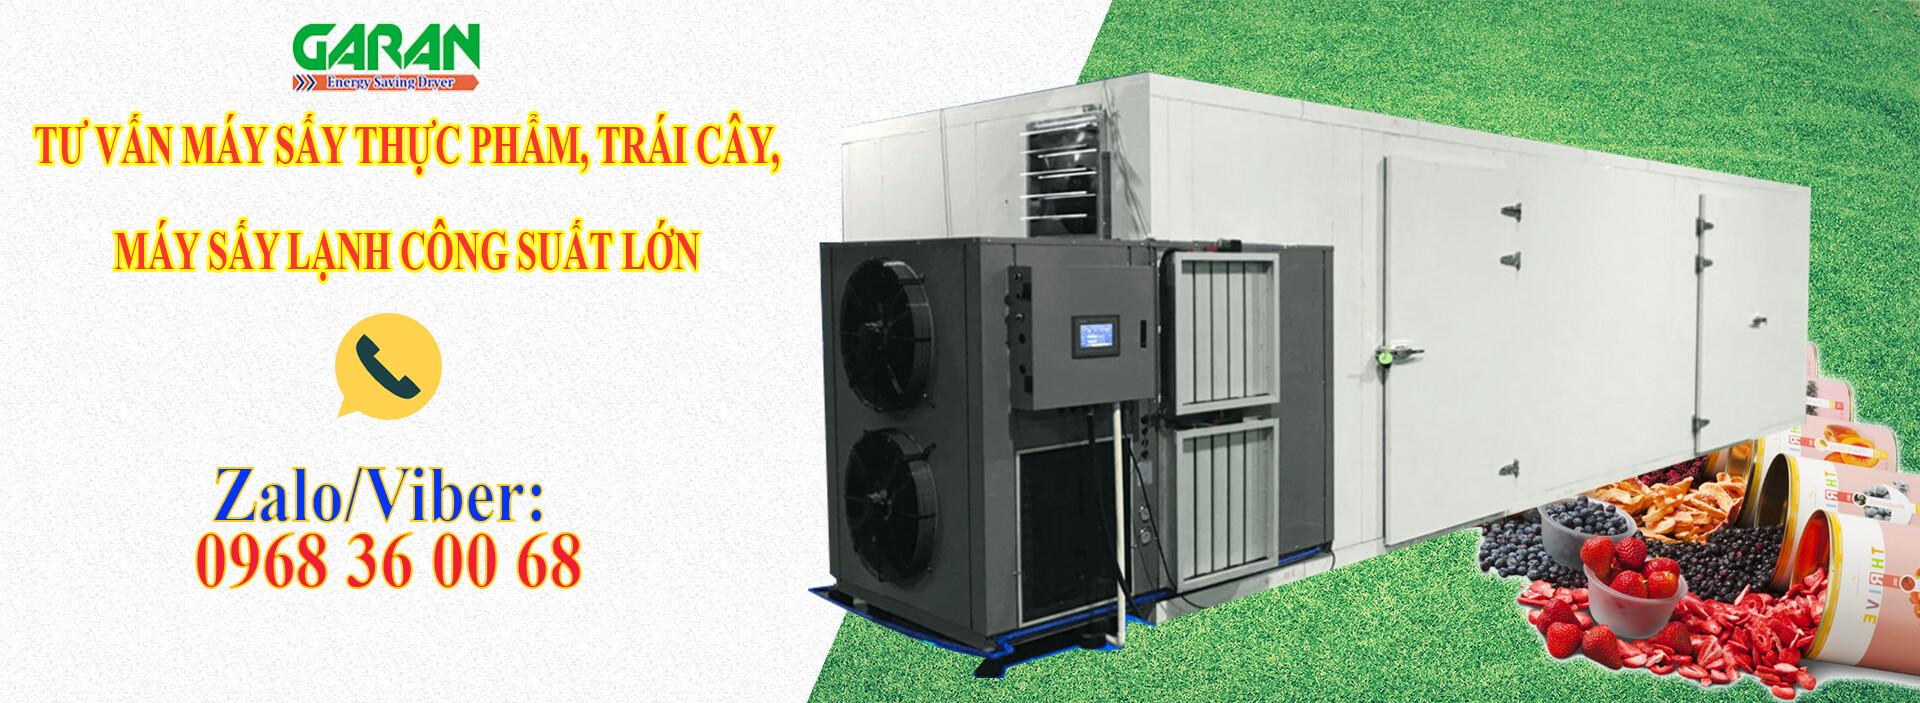 Máy sấy lạnh công suất lớn